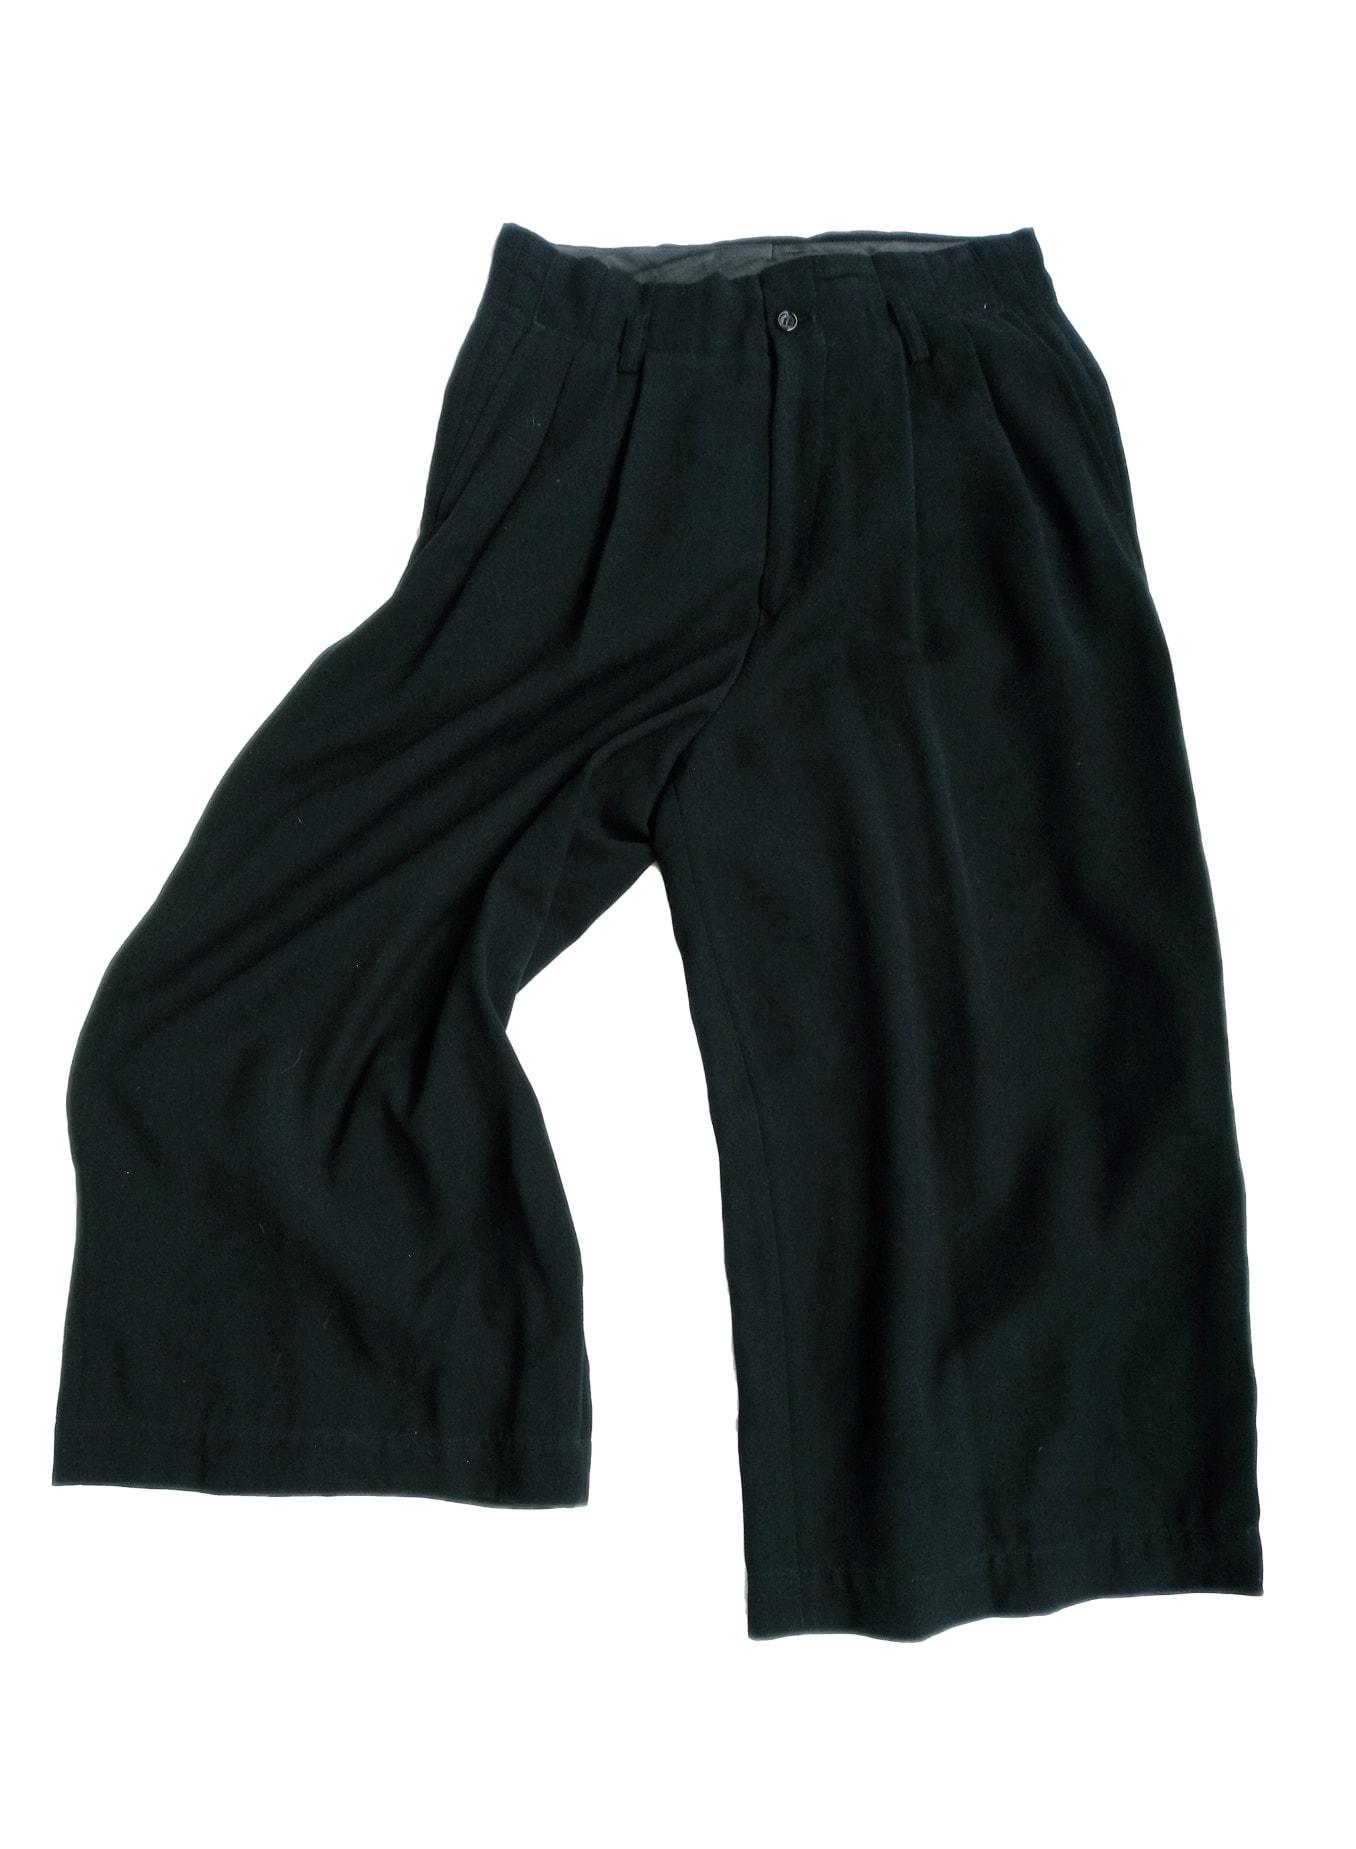 Vintage COMME DES GARCONS Pants Trousers, Wide Leg, Cropped 1990s sz M Black